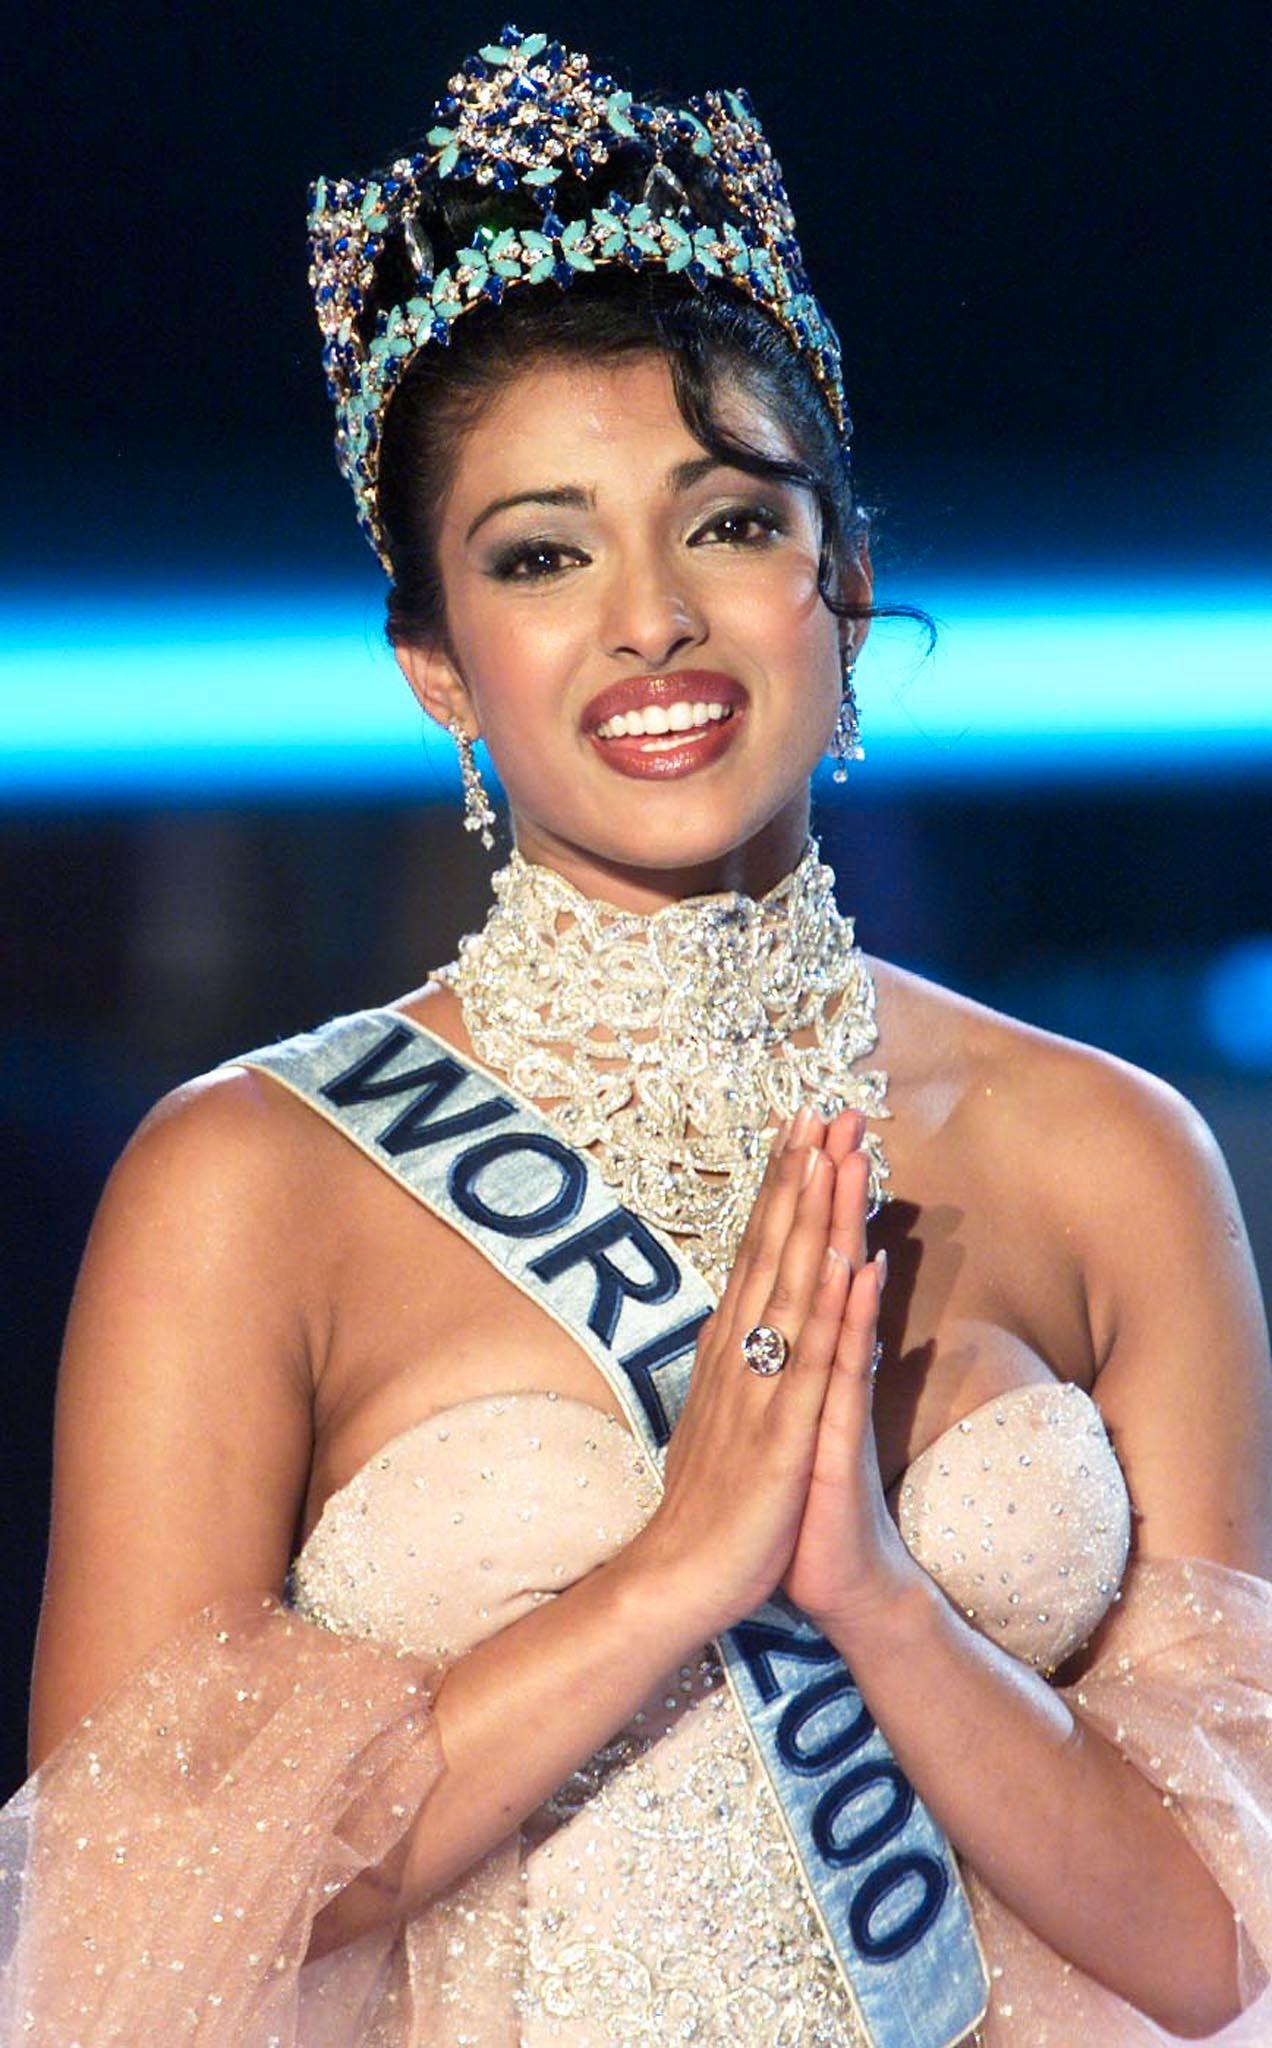 VINNER: Chopra på scenen etter å ha blitt kronet til Miss World 2000 i konkurranse med 94 andre misser.